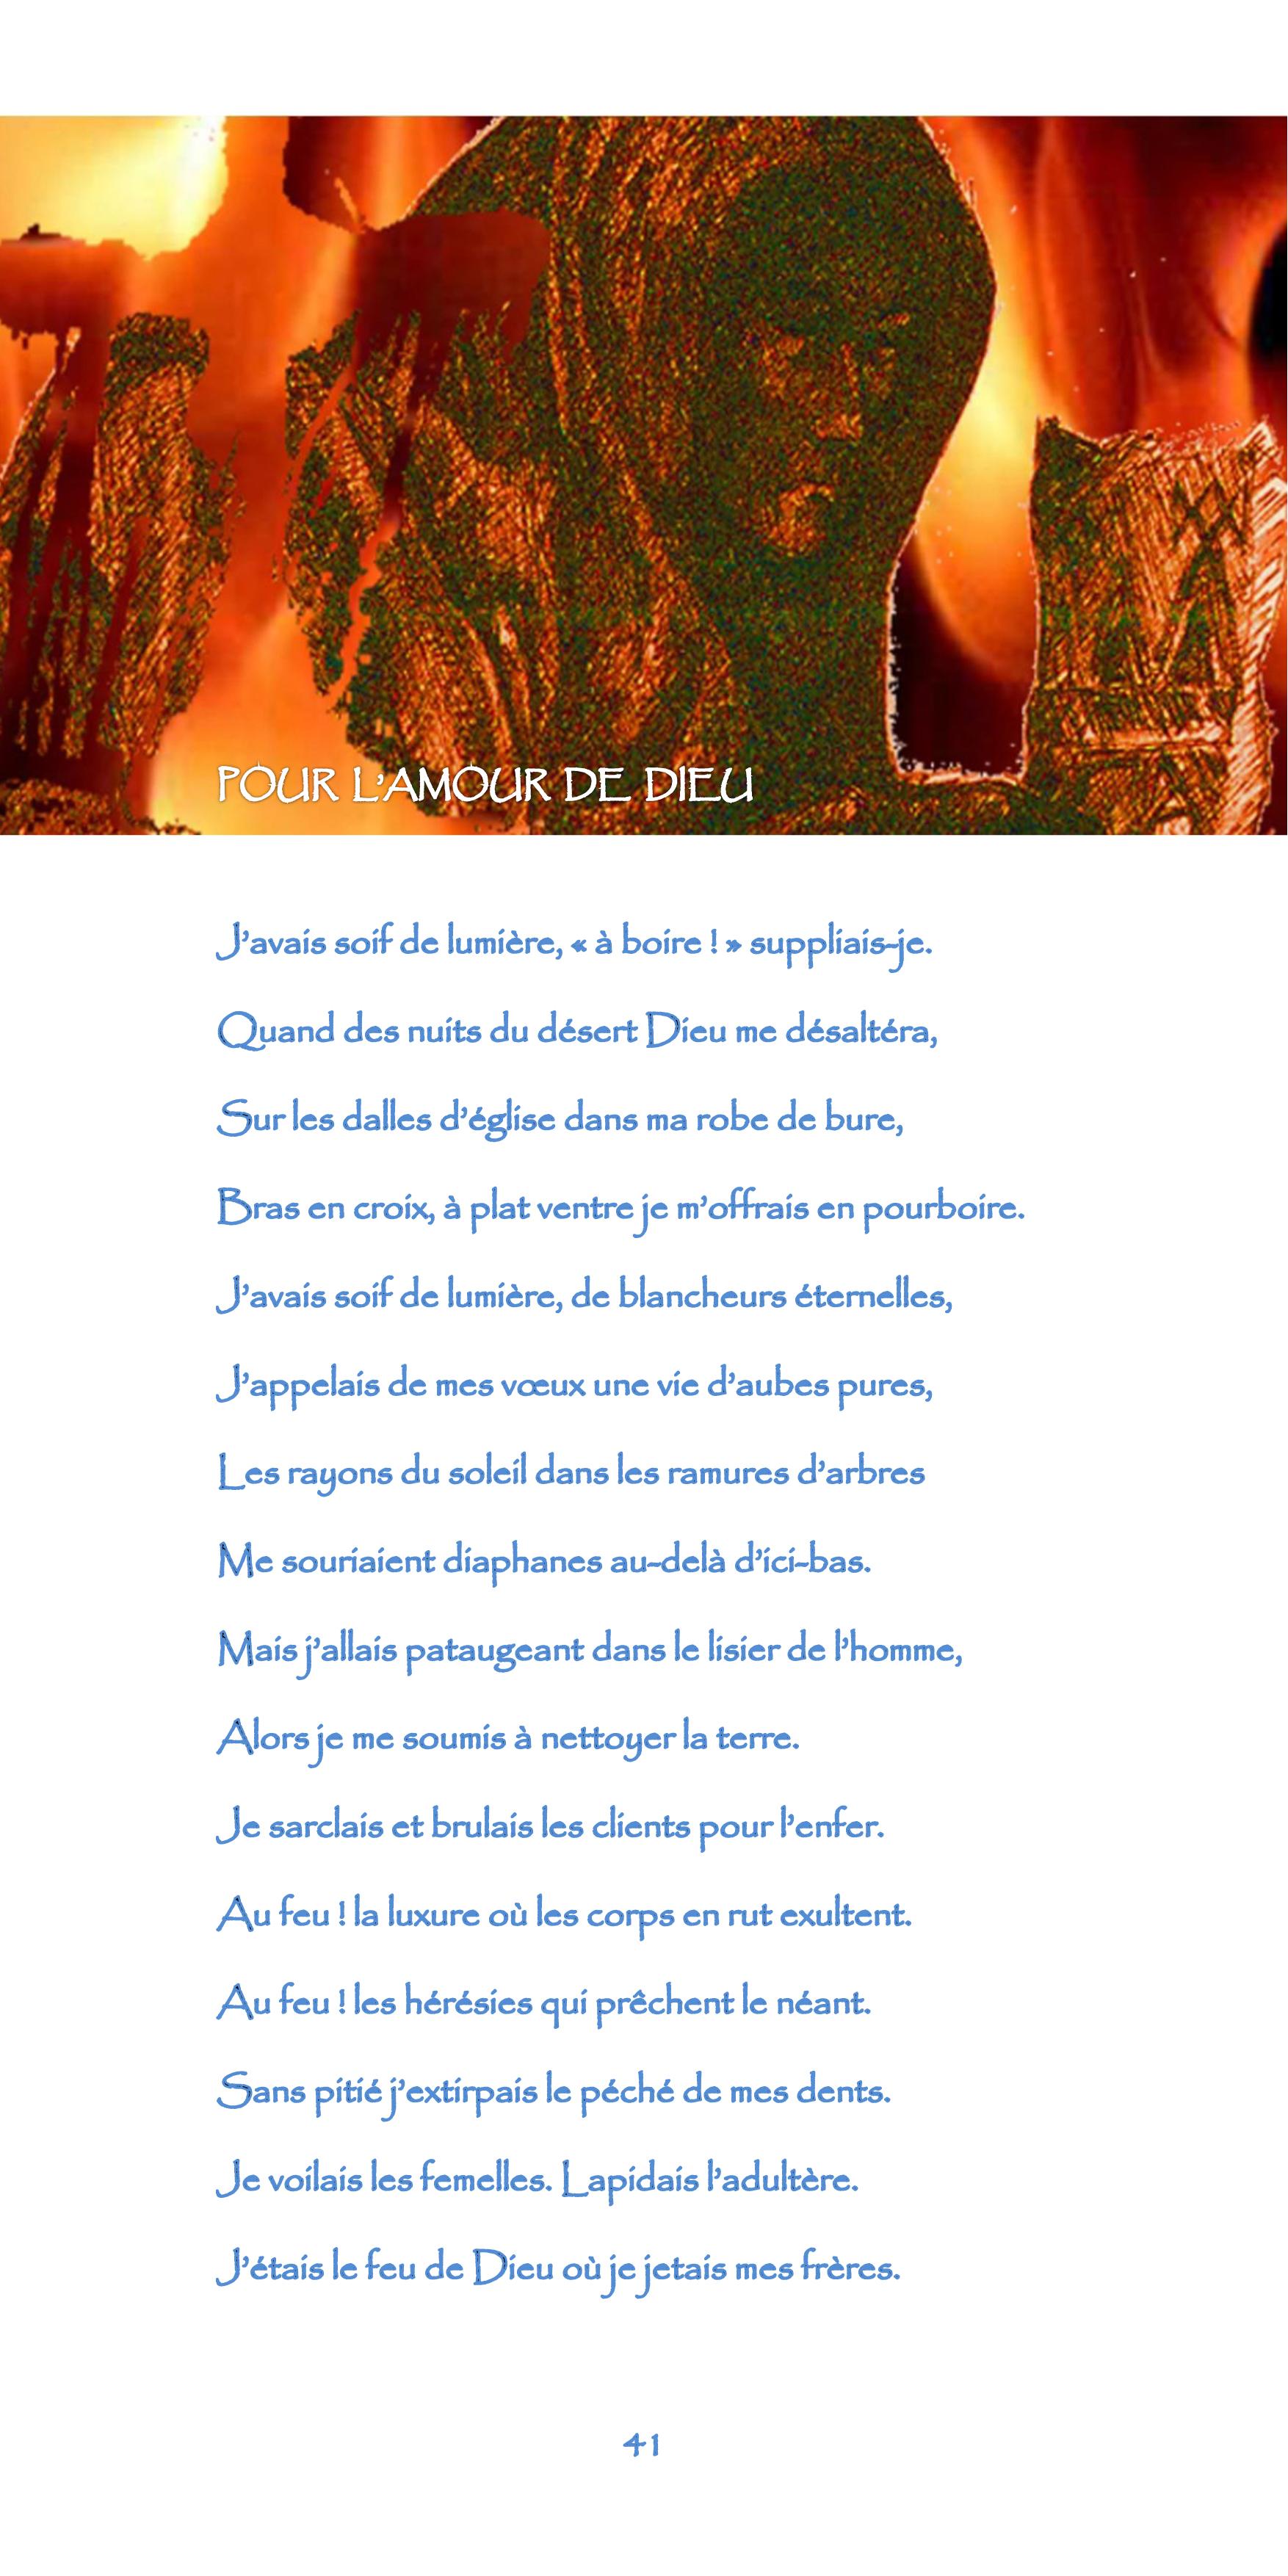 41-nègre_bleu-par_amour_de_Dieu.jpg